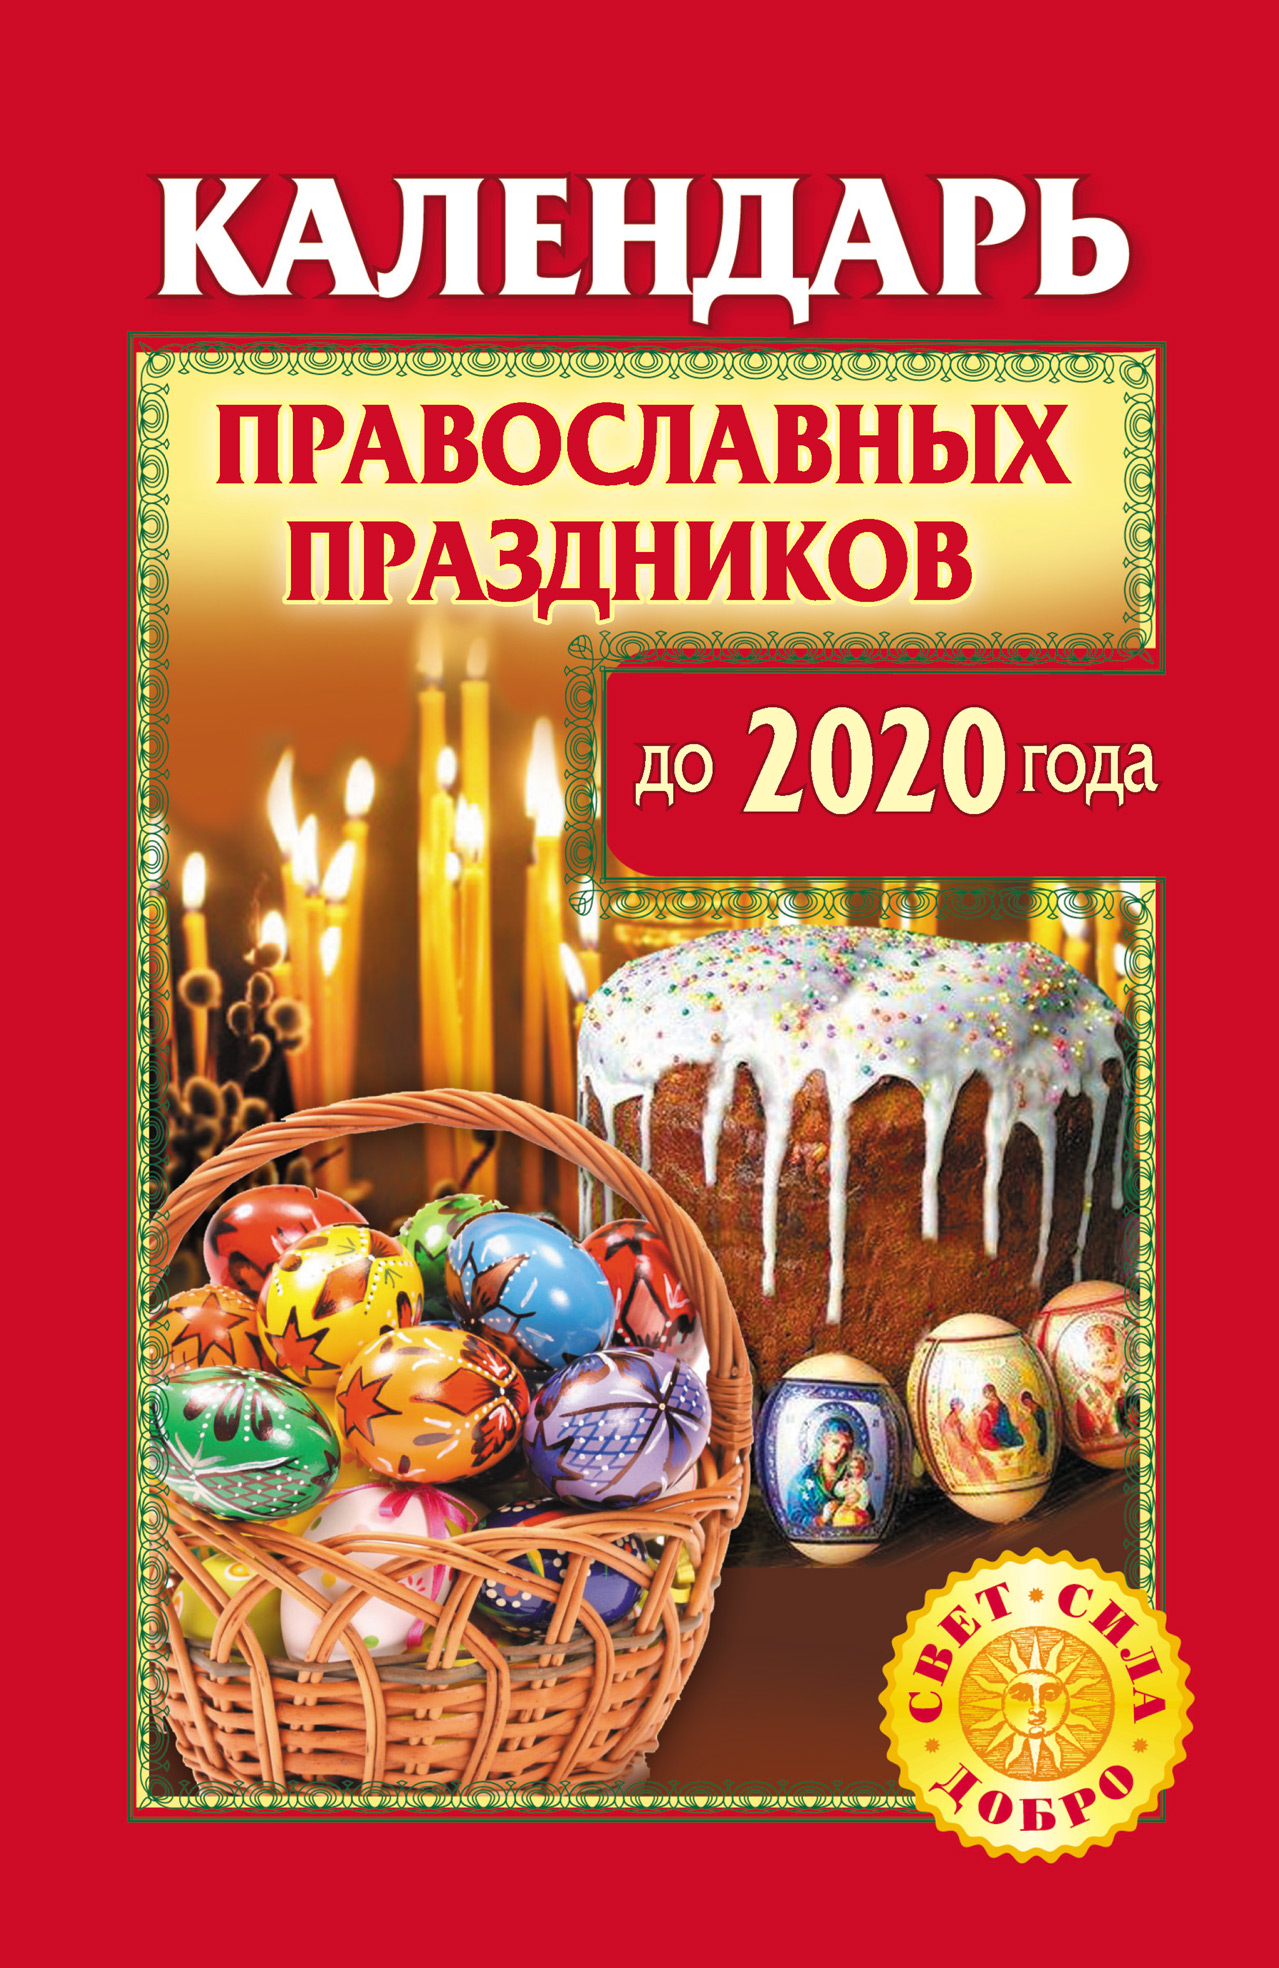 Отсутствует Календарь православных праздников до 2020 года калинина м календарь православных праздников на 2016 год